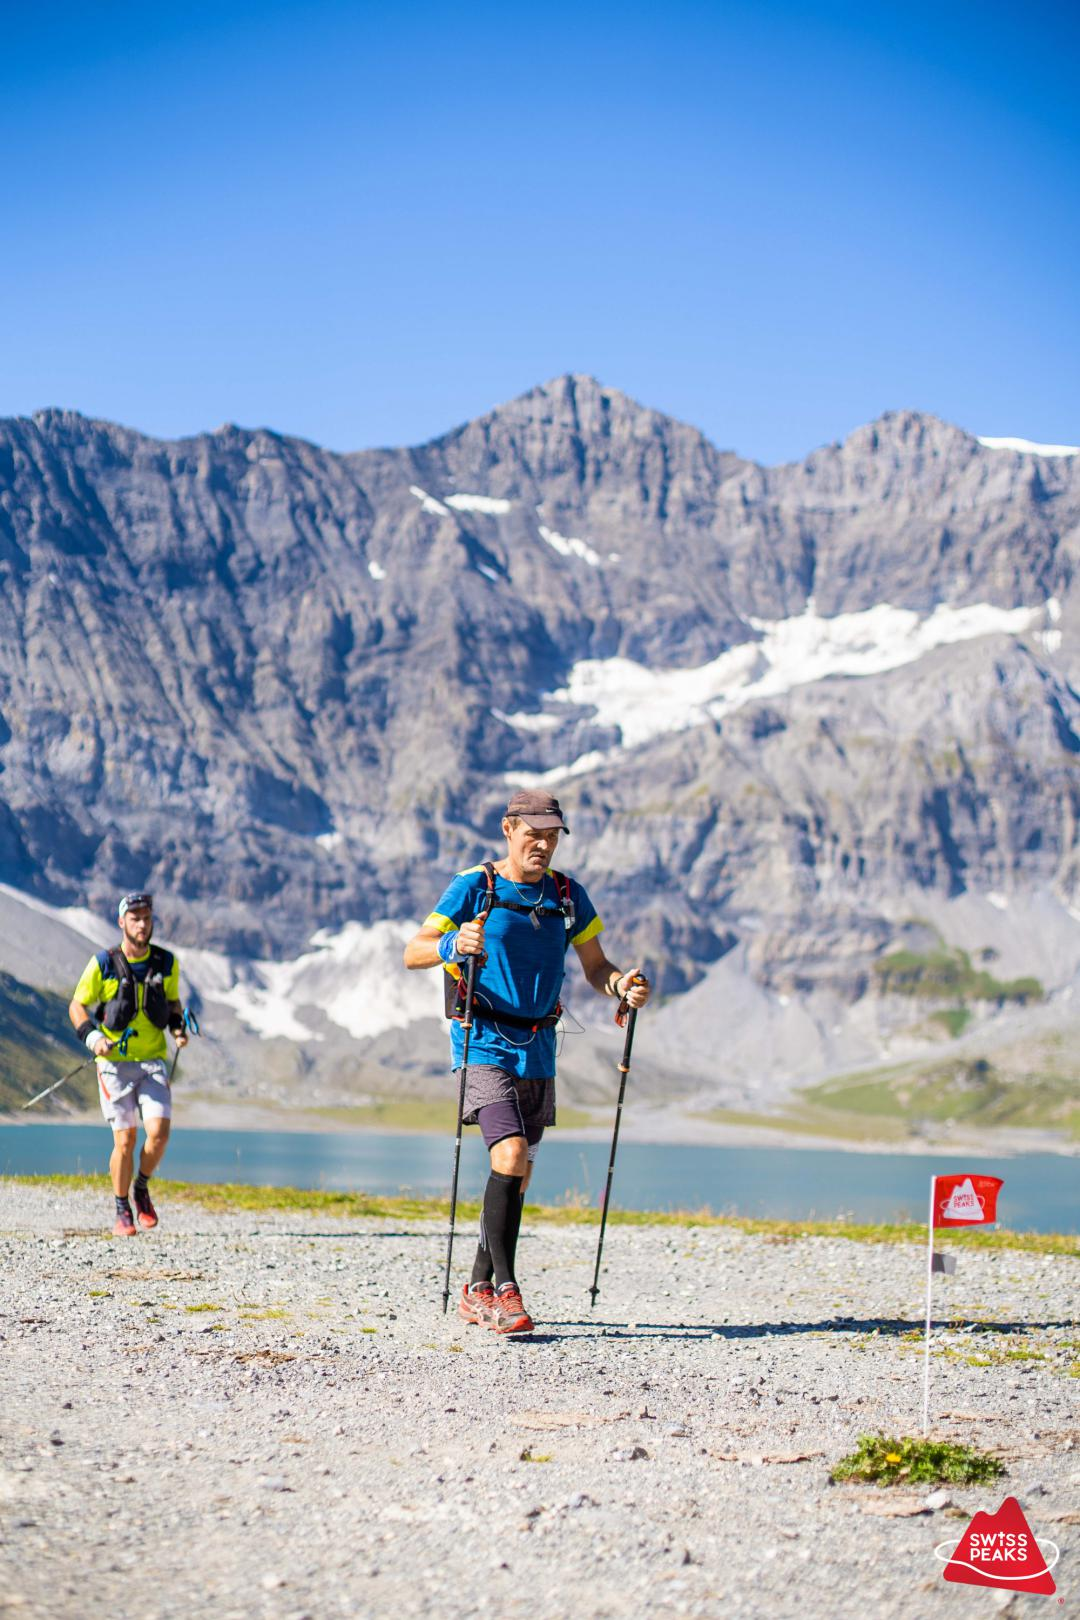 SwissPeaks Trail_Coureurs en montagne.jpg